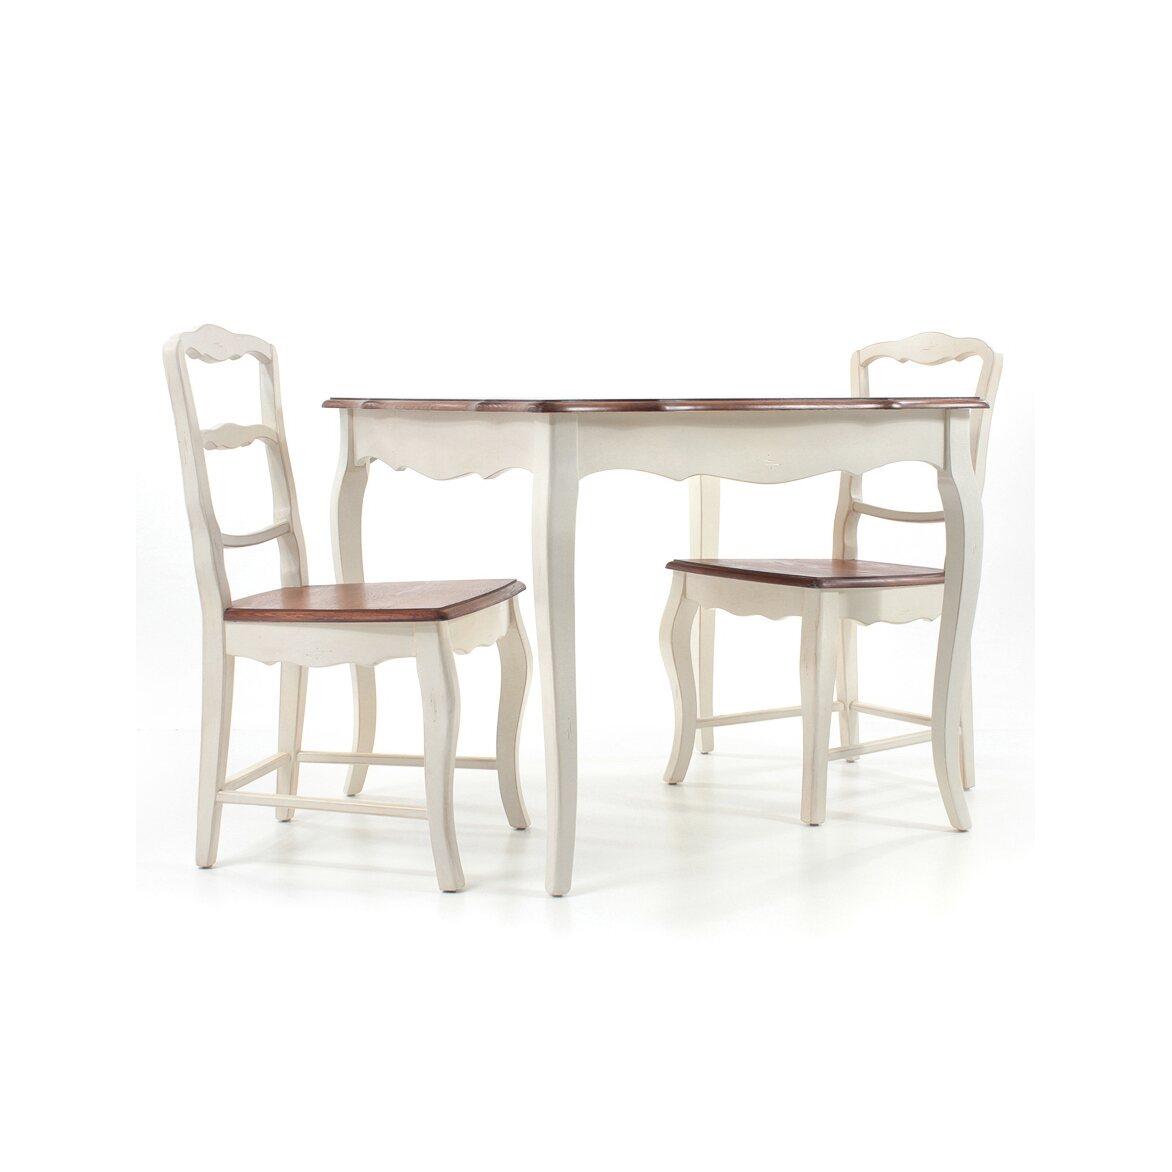 Круглый обеденный стол Leontina (малый), бежевого цвета 4   Обеденные столы Kingsby